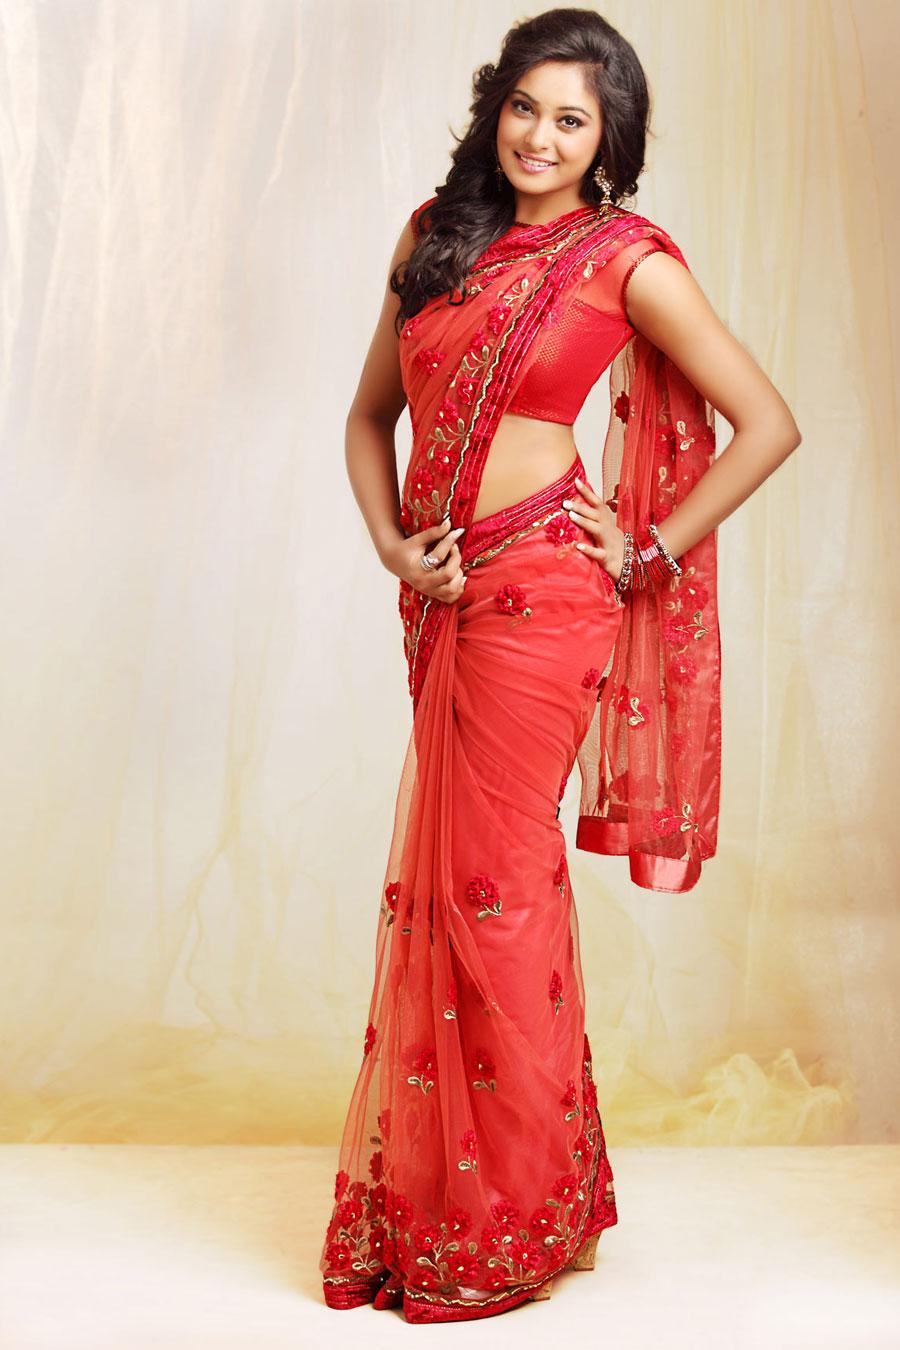 arunthathi latest photos